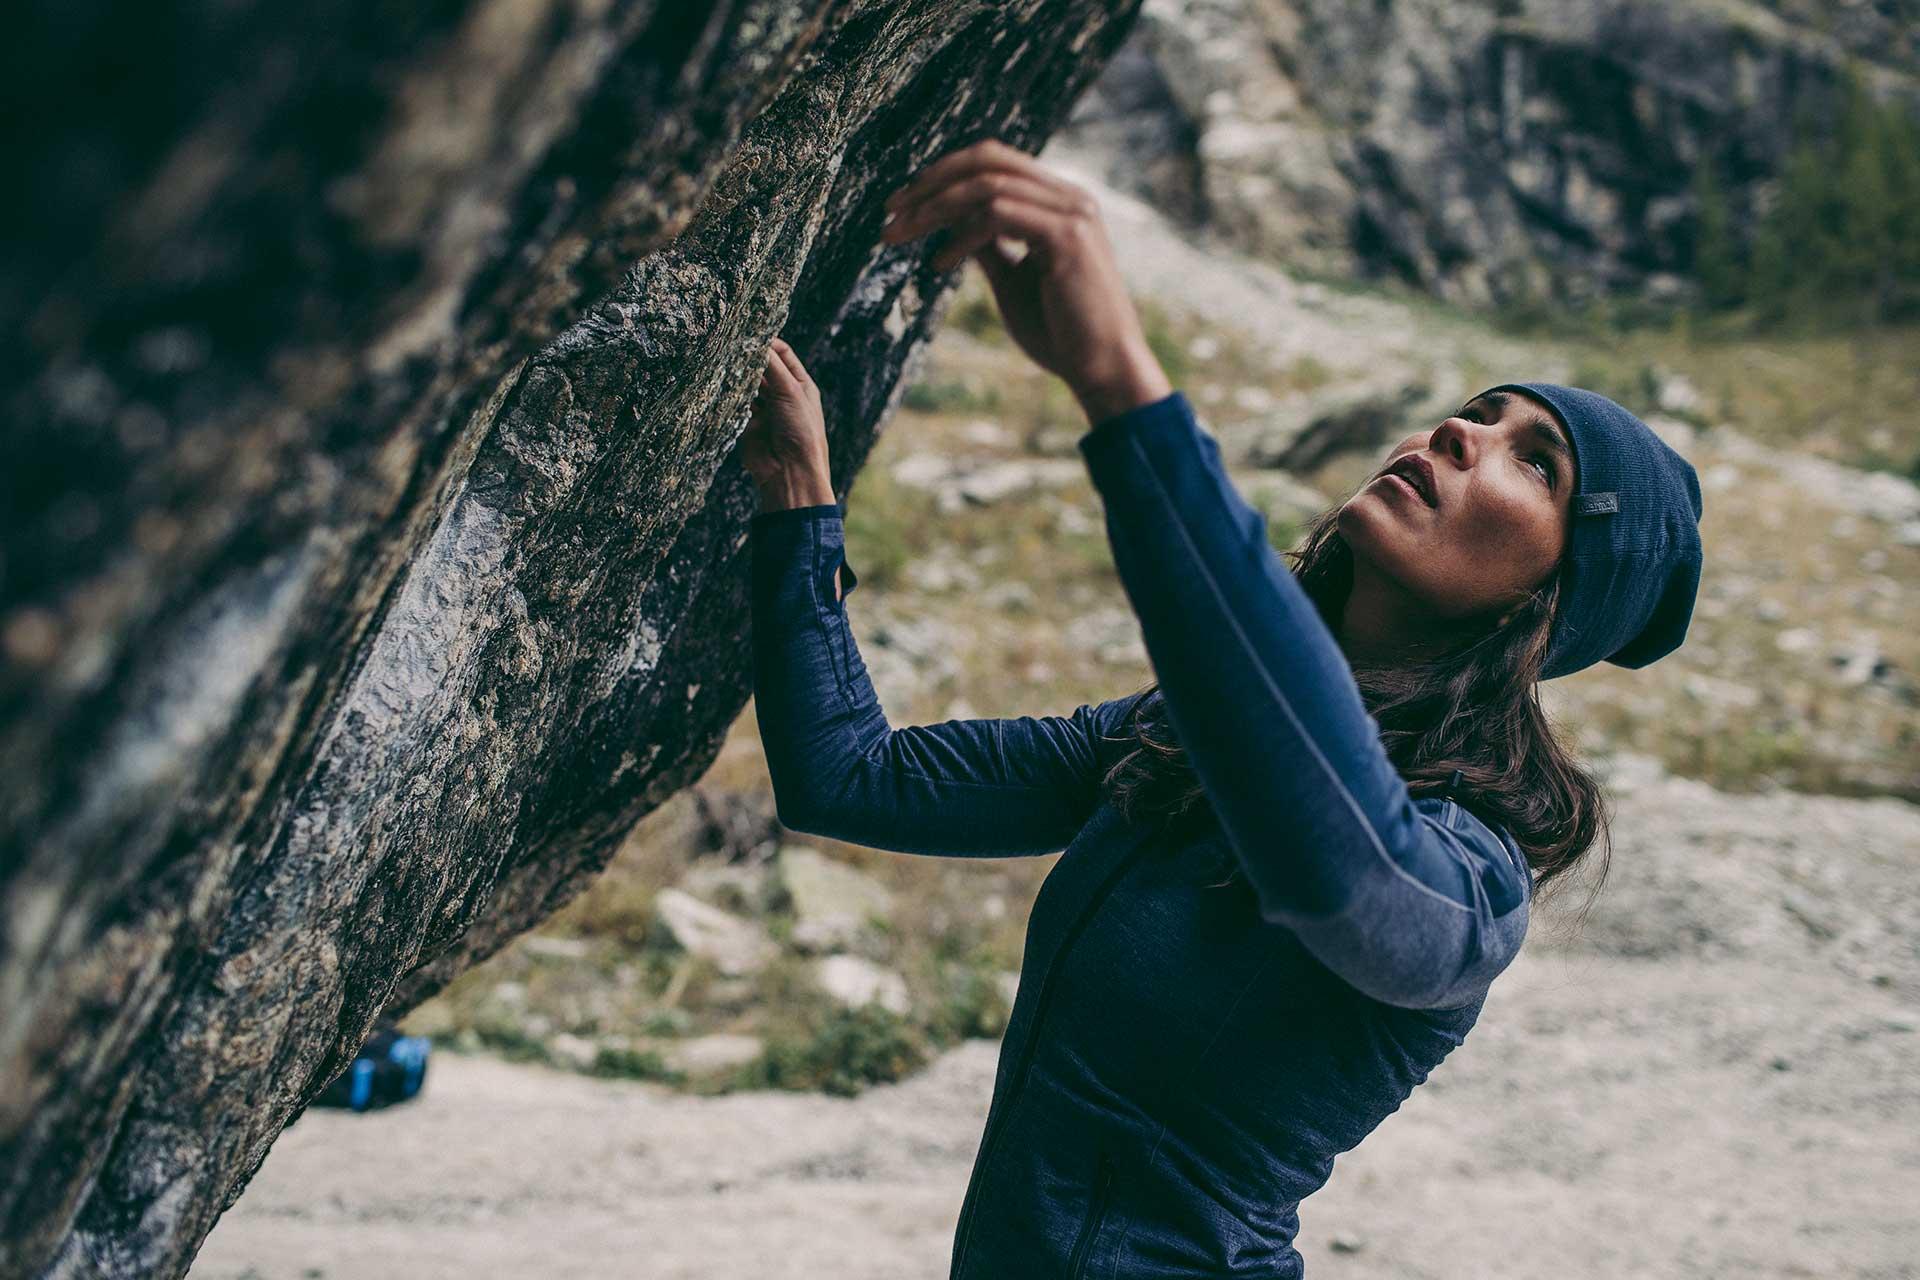 Fotograf Outdoor Sport Klettern Bouldern Kampagne